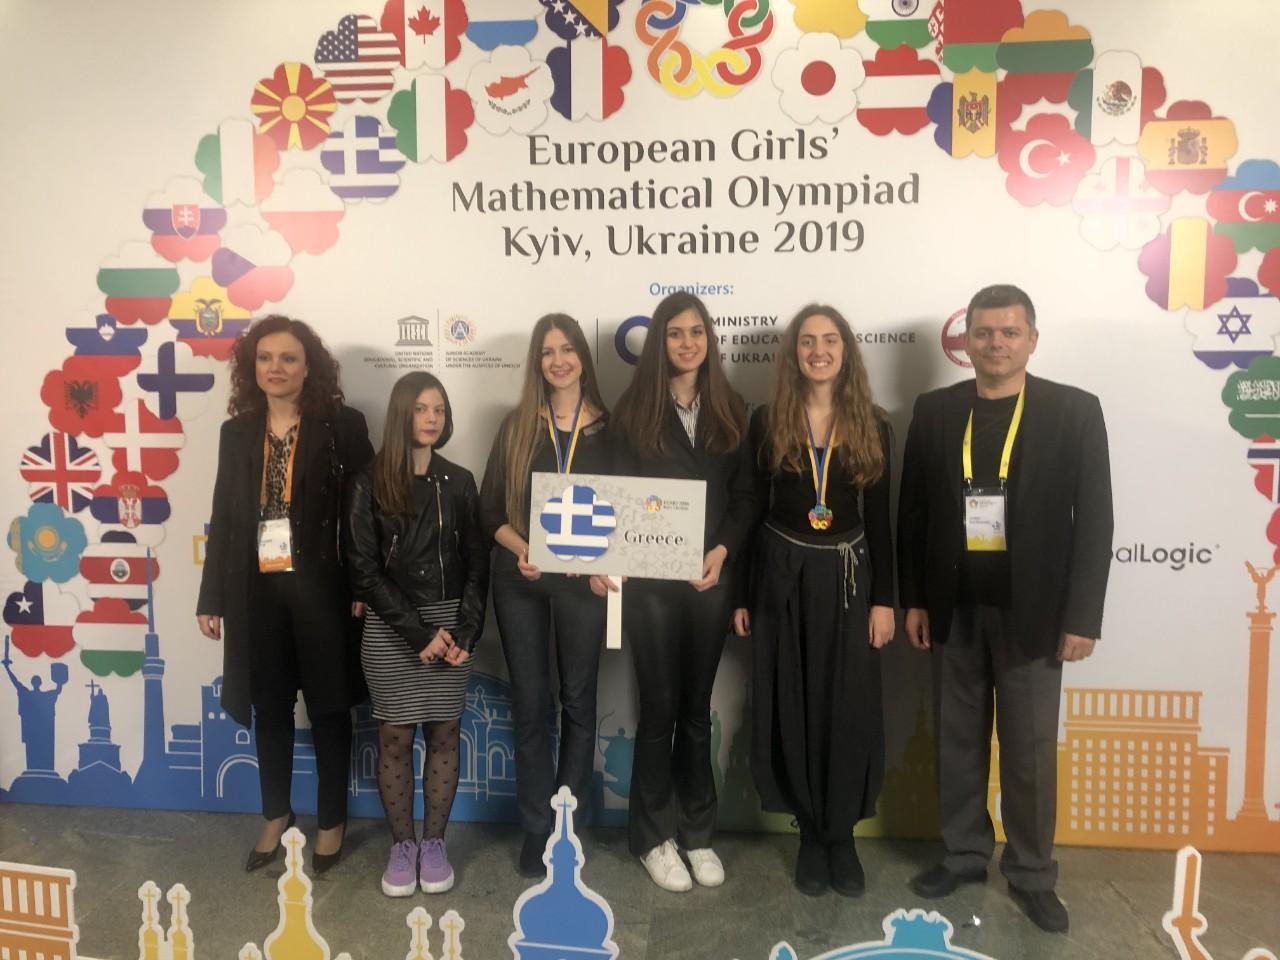 Λαρισαίος μαθηματικός αρχηγός της ελληνικής αποστολής στην 8η Ευρωπαϊκή Μαθηματική Ολυμπιάδα για Κορίτσια στο Κίεβο